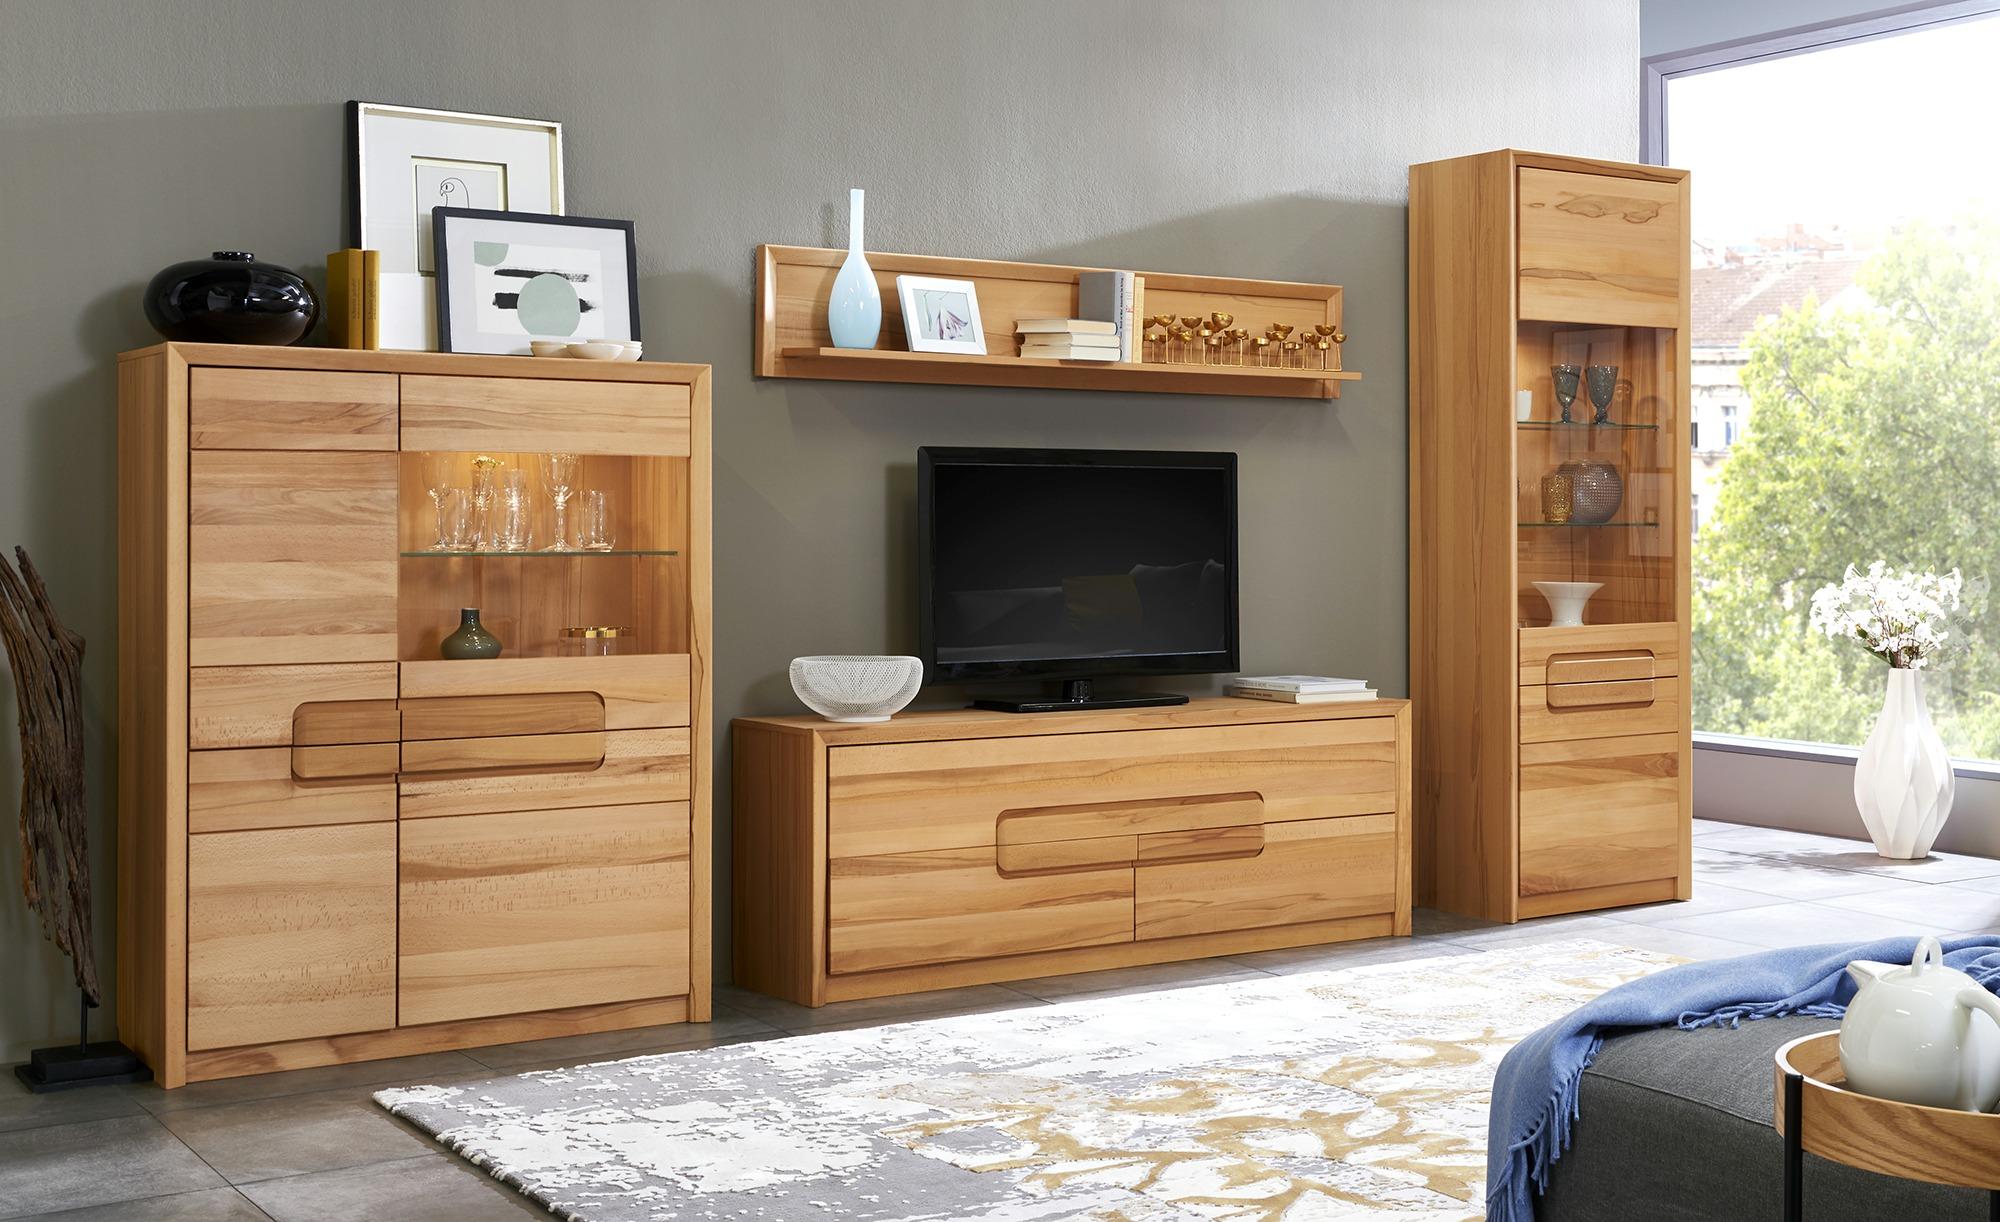 Wohnkombination Oslo, gefunden bei Möbel Höffner